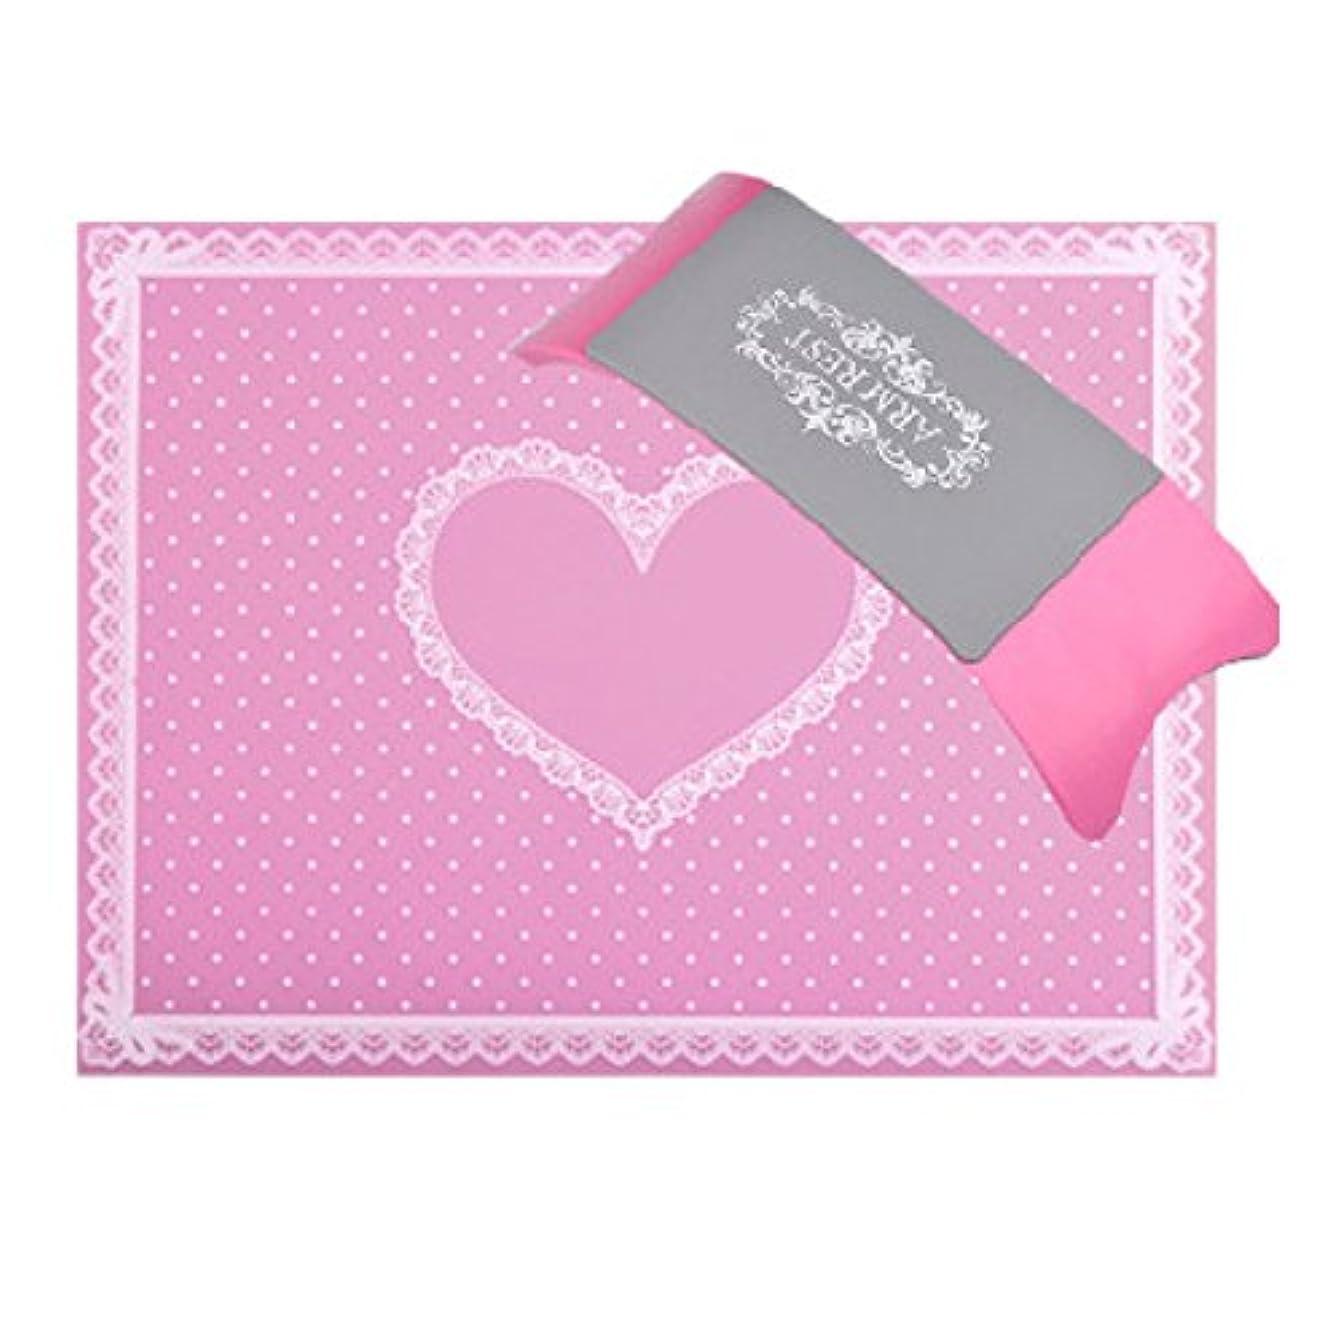 ありがたい八隣人ネイルマット&アームレストSET 全5色 BY-MASET (ピンク)